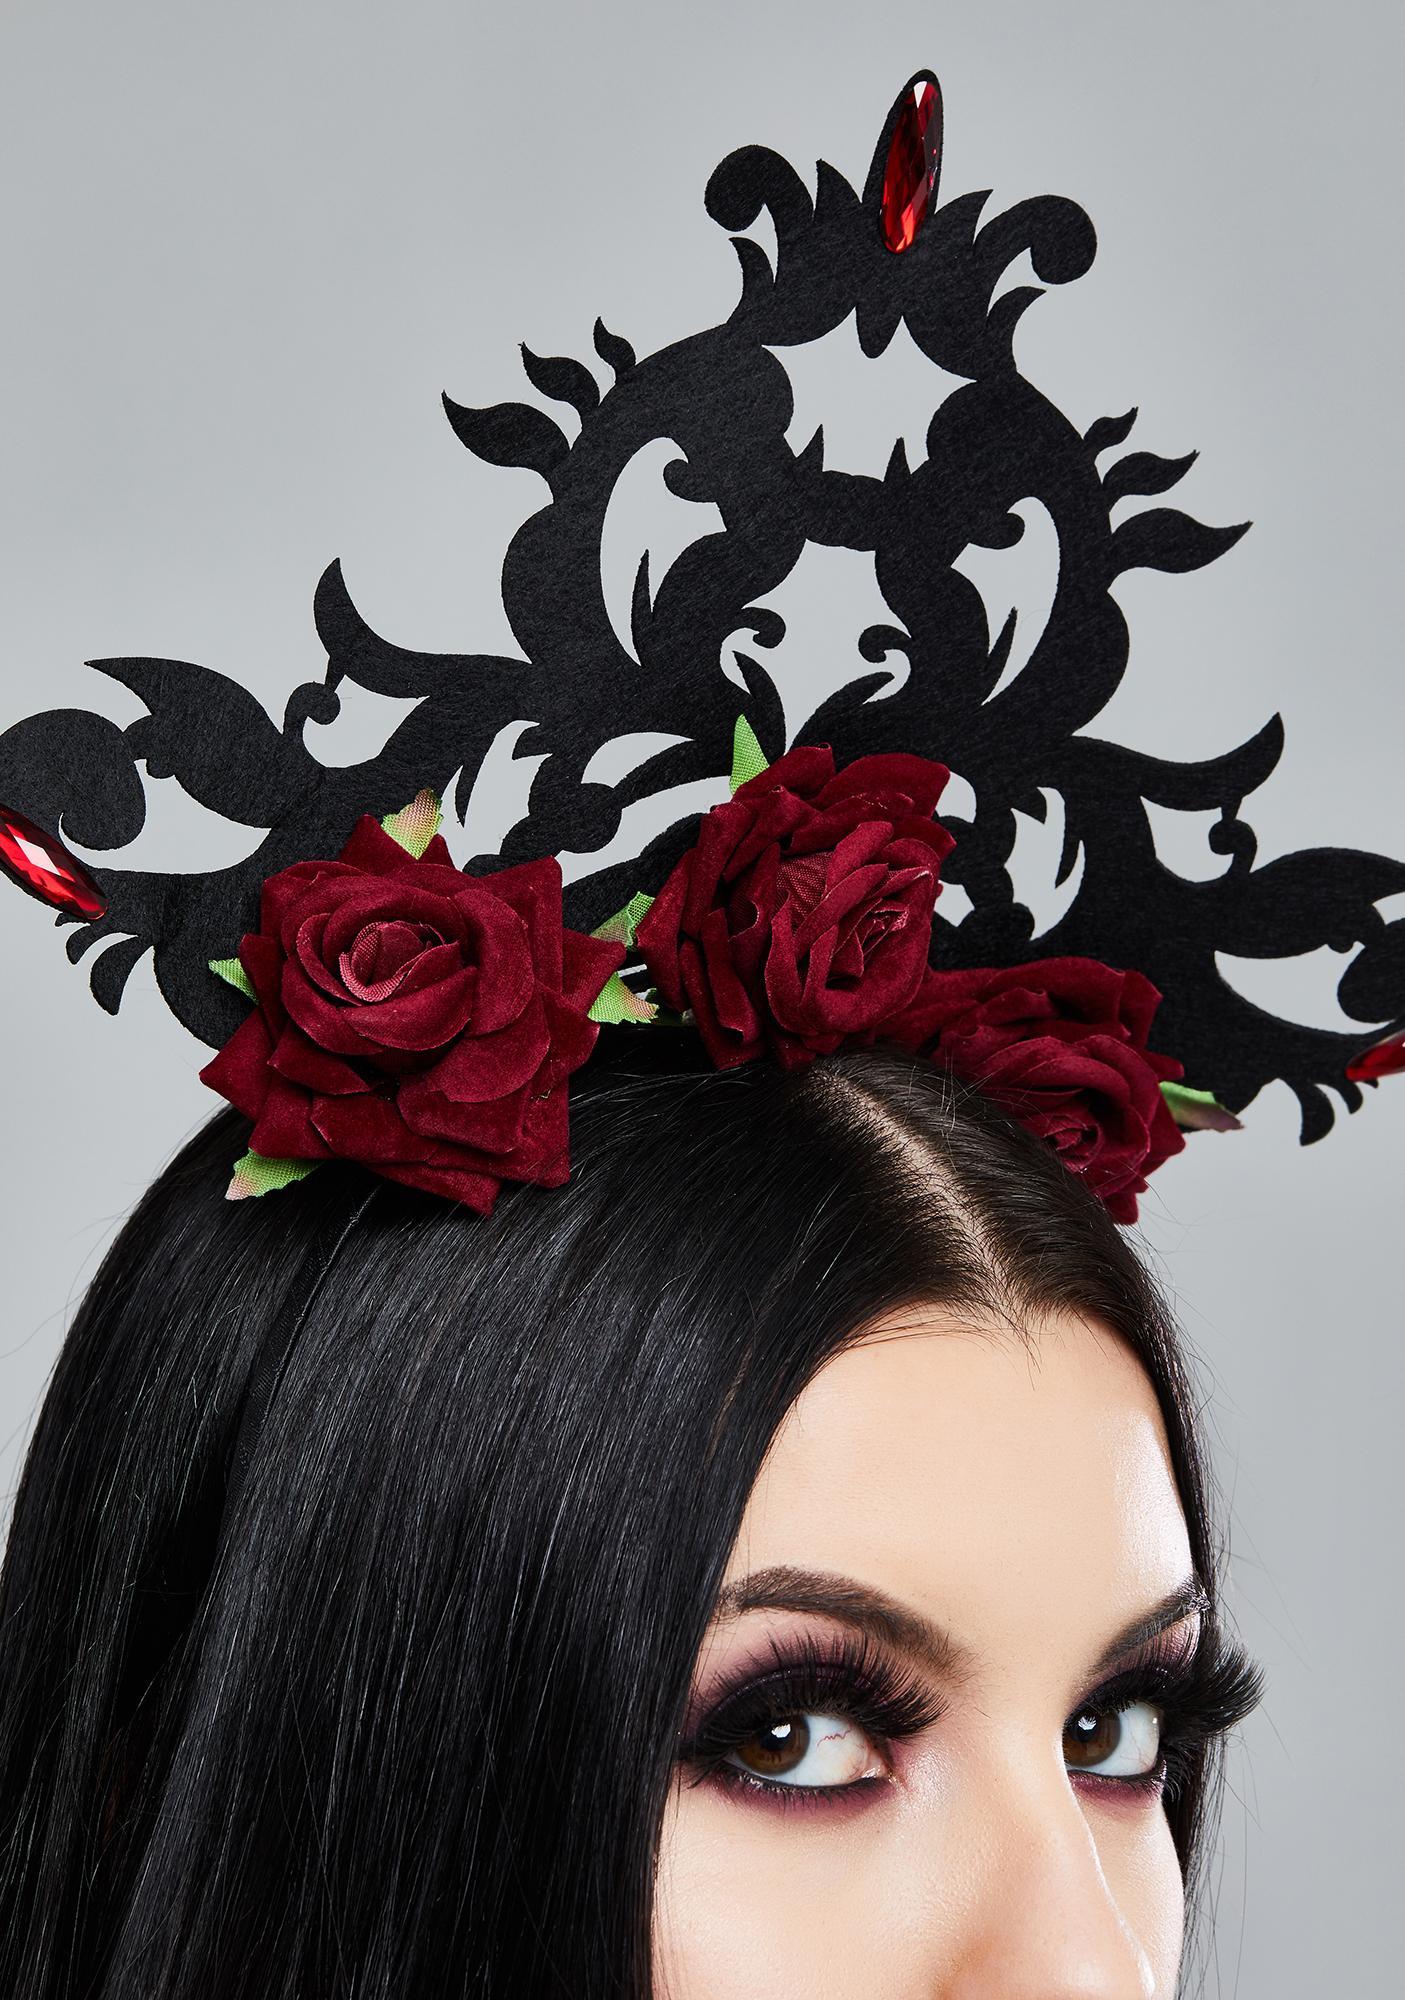 Dark In Love Red Rose Gothic Headpiece